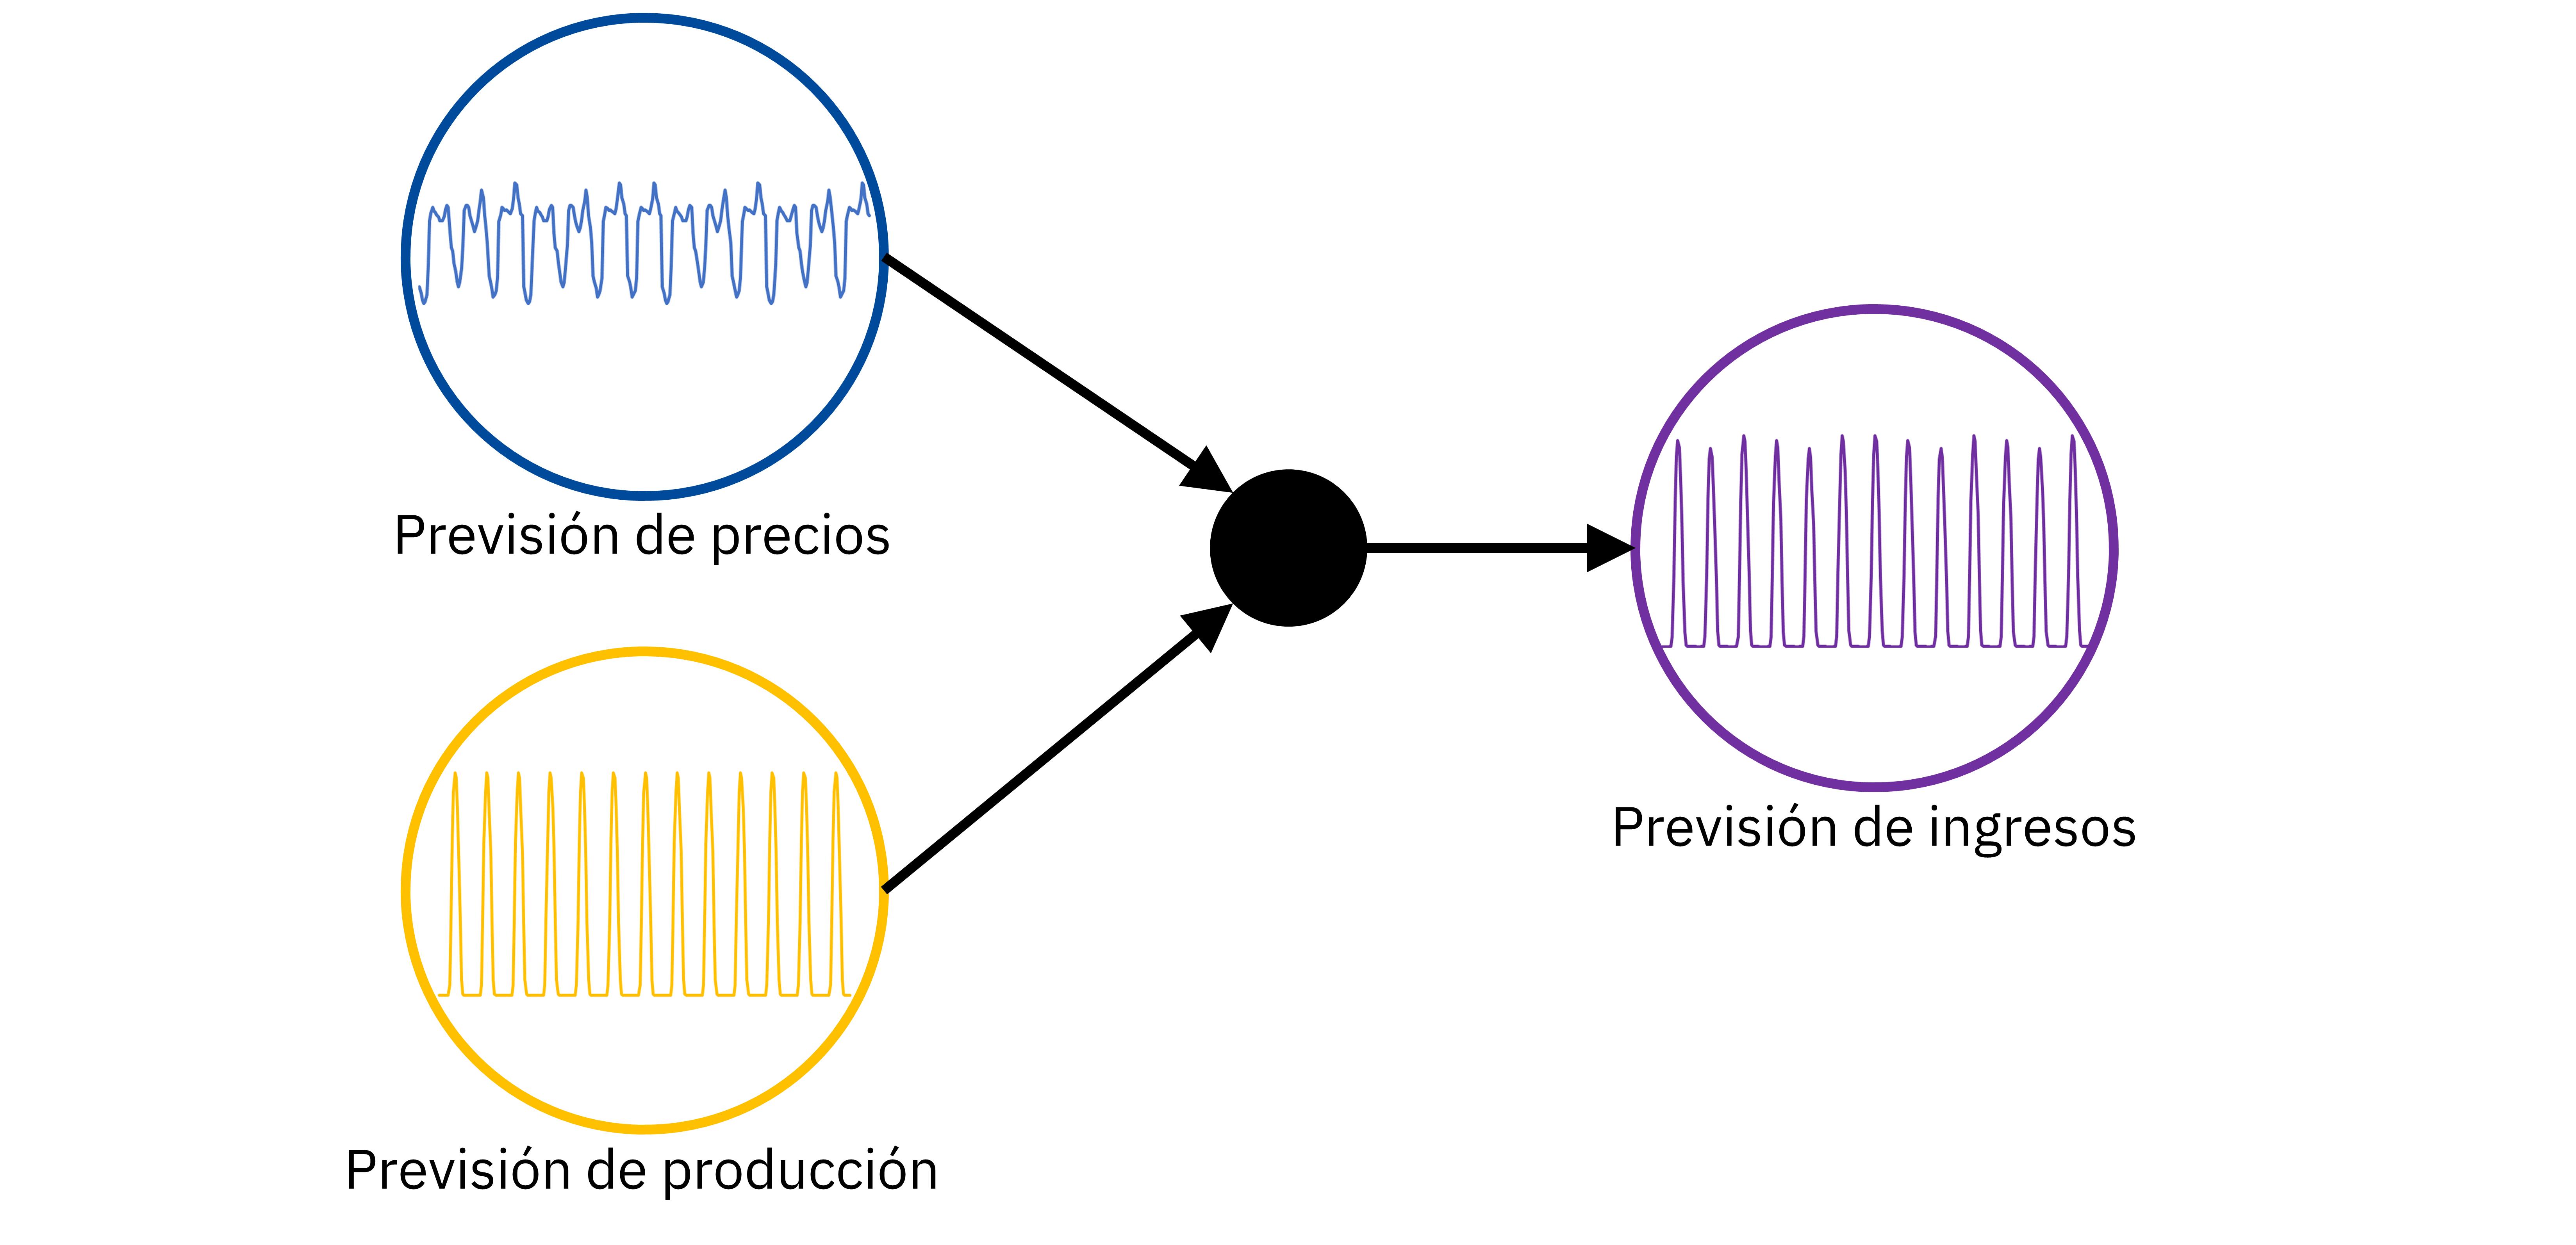 AleaSoft - Prevision precios produccion ingresos